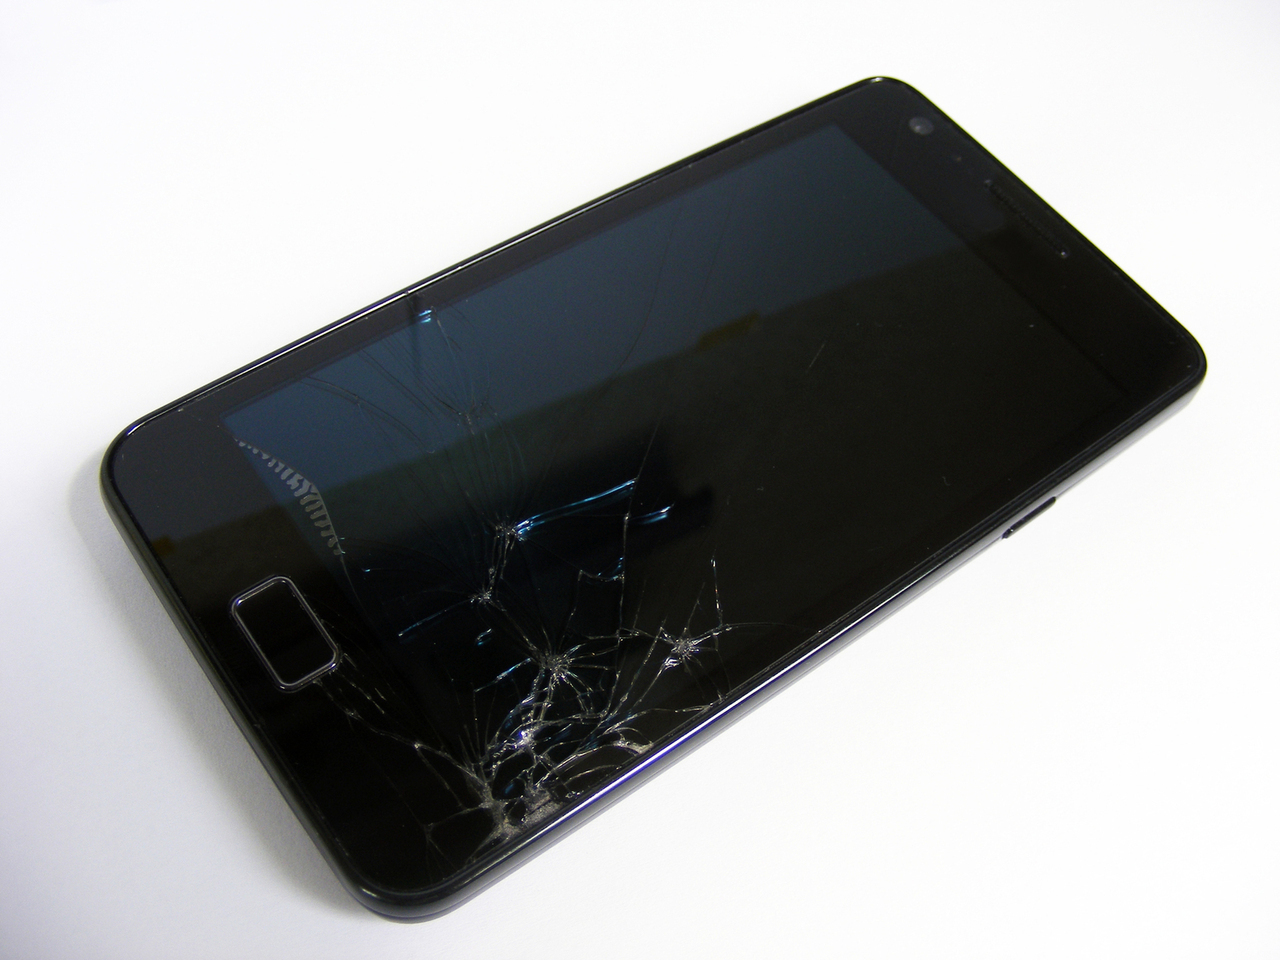 broken-phone-1241554-1280x960.jpg